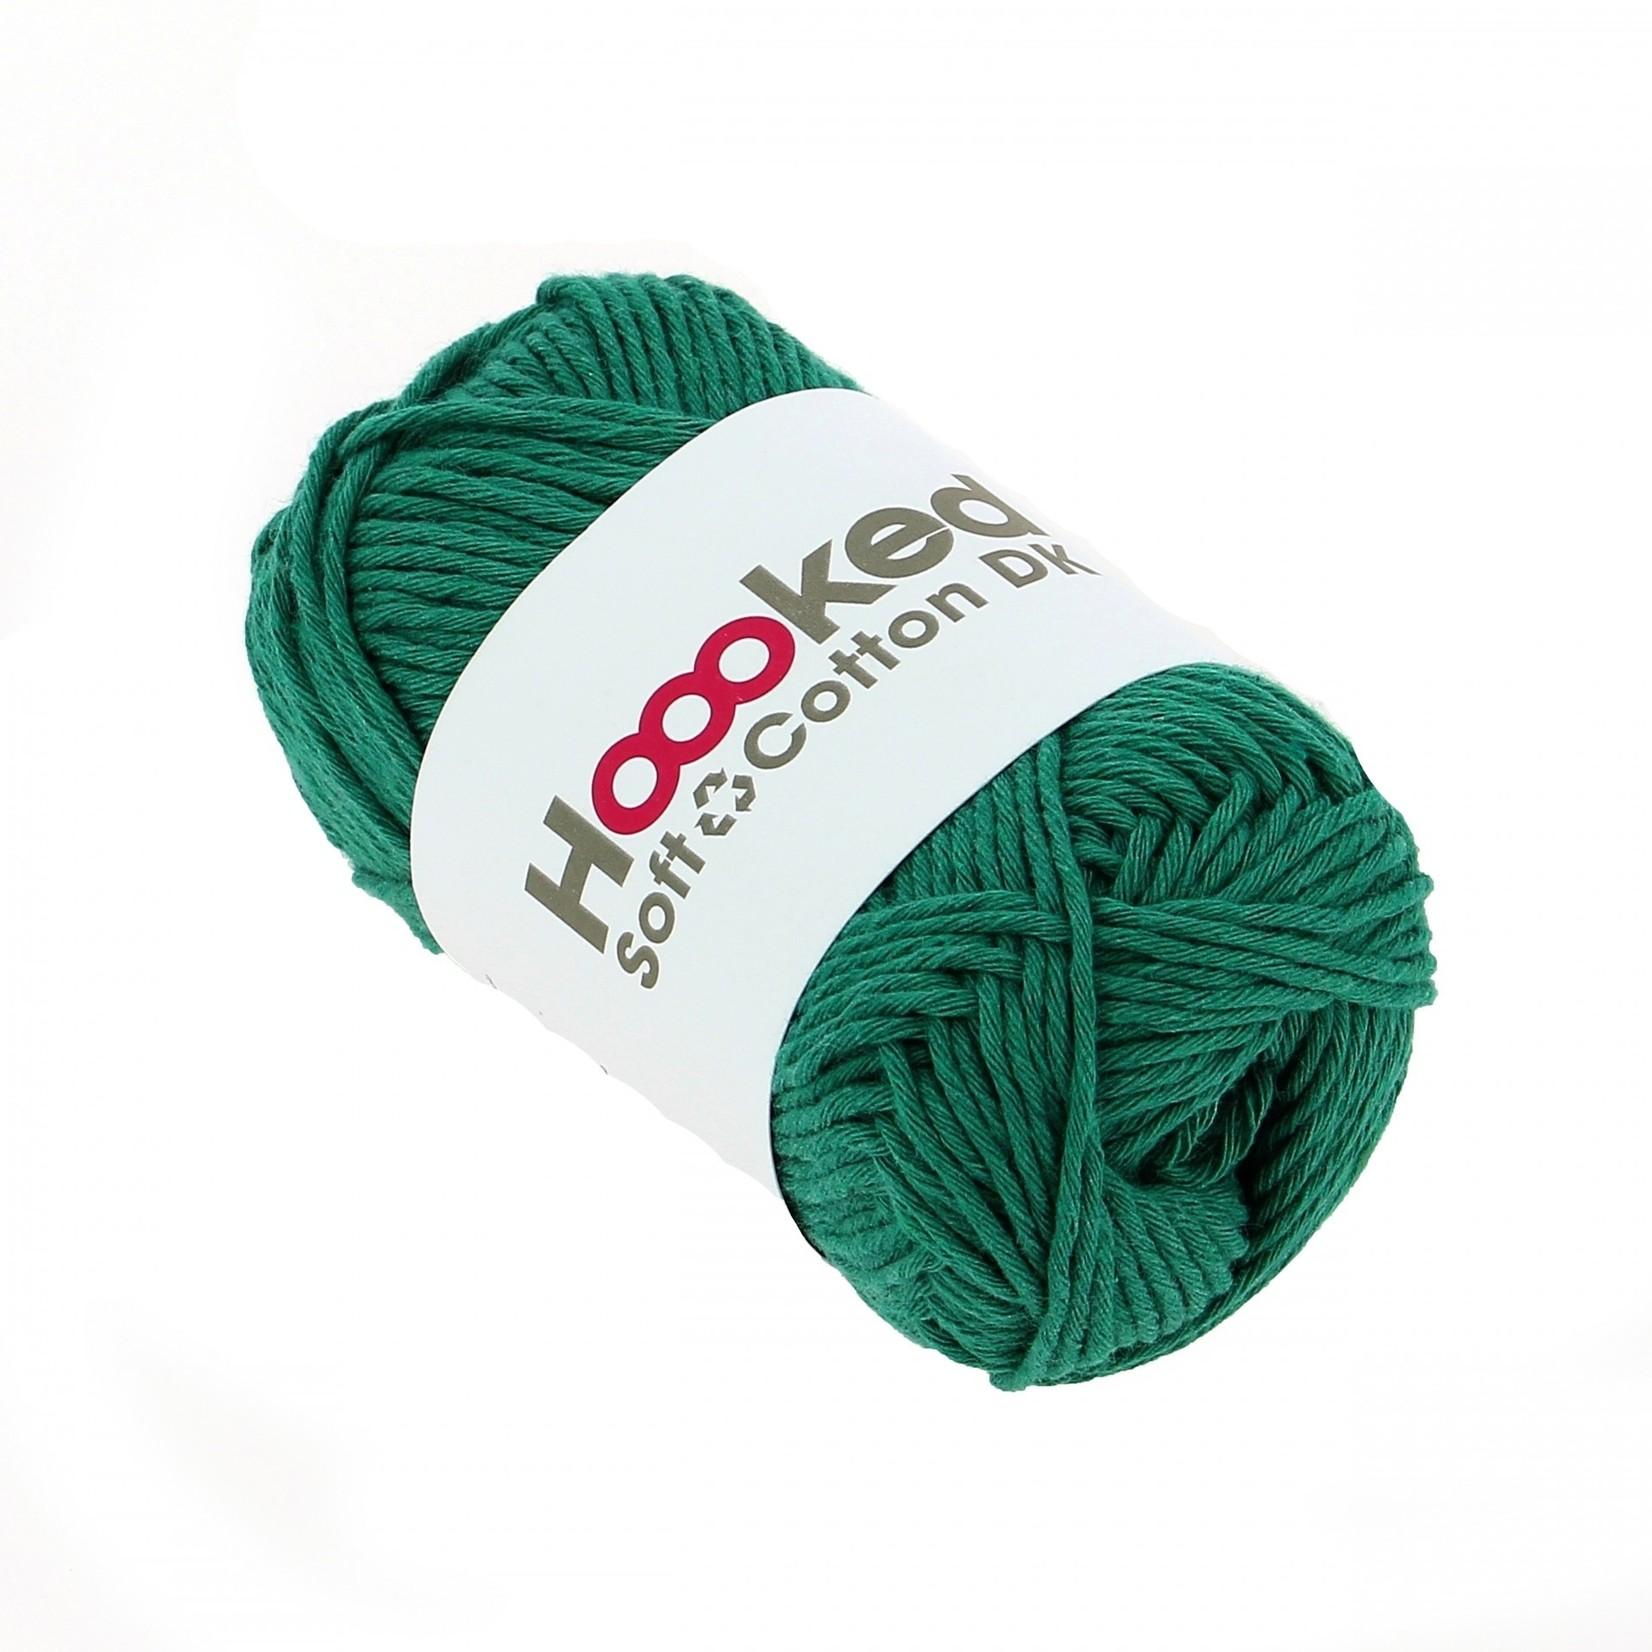 Hoooked Hoooked Soft Cotton DK Seattle Jade bundel 5 x 50 gr. / 85 m.